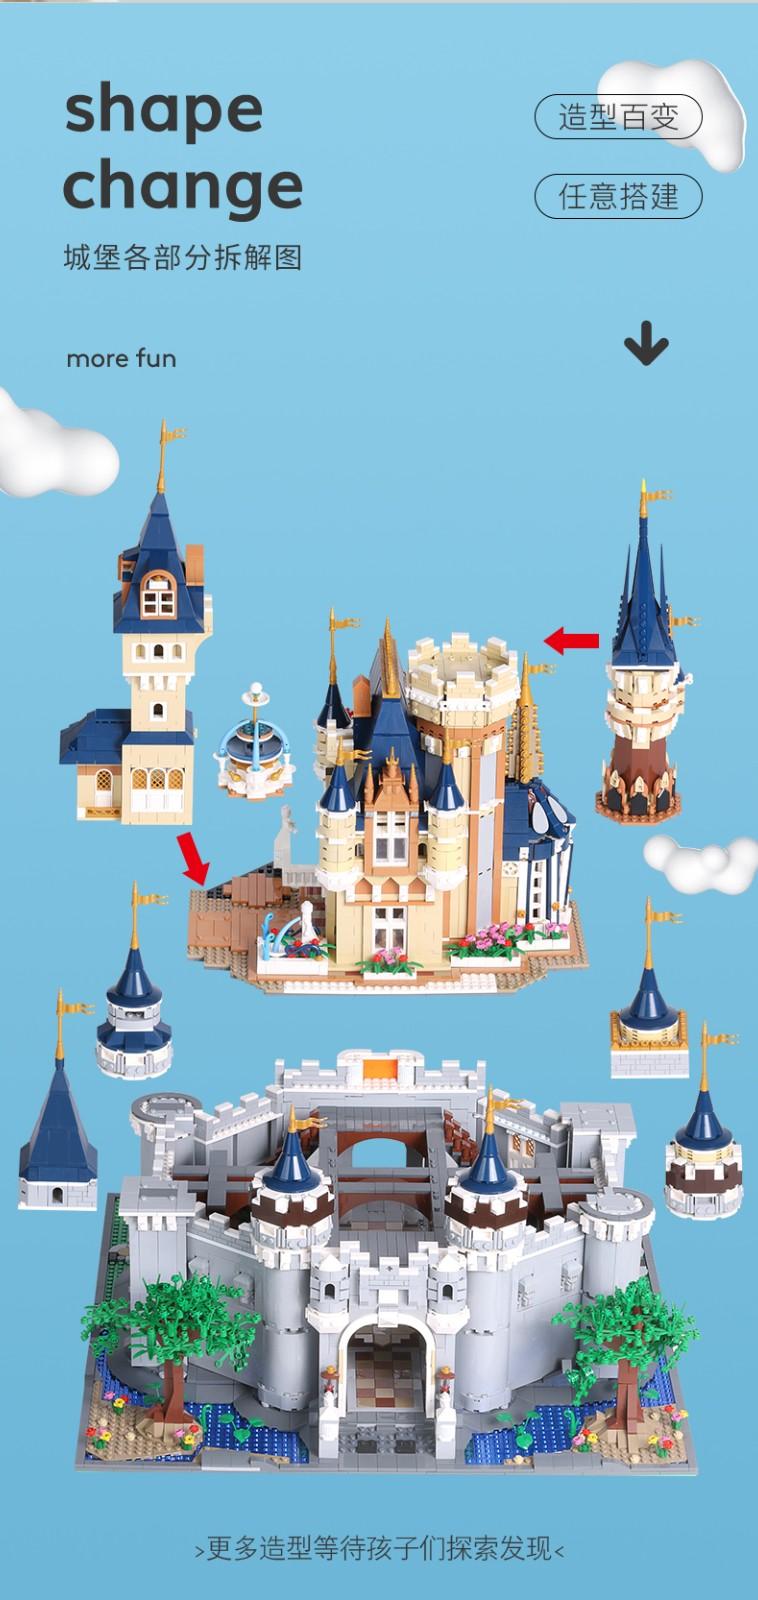 宇星模王积木 公主城堡乐园系列迪士尼梦幻城堡13132